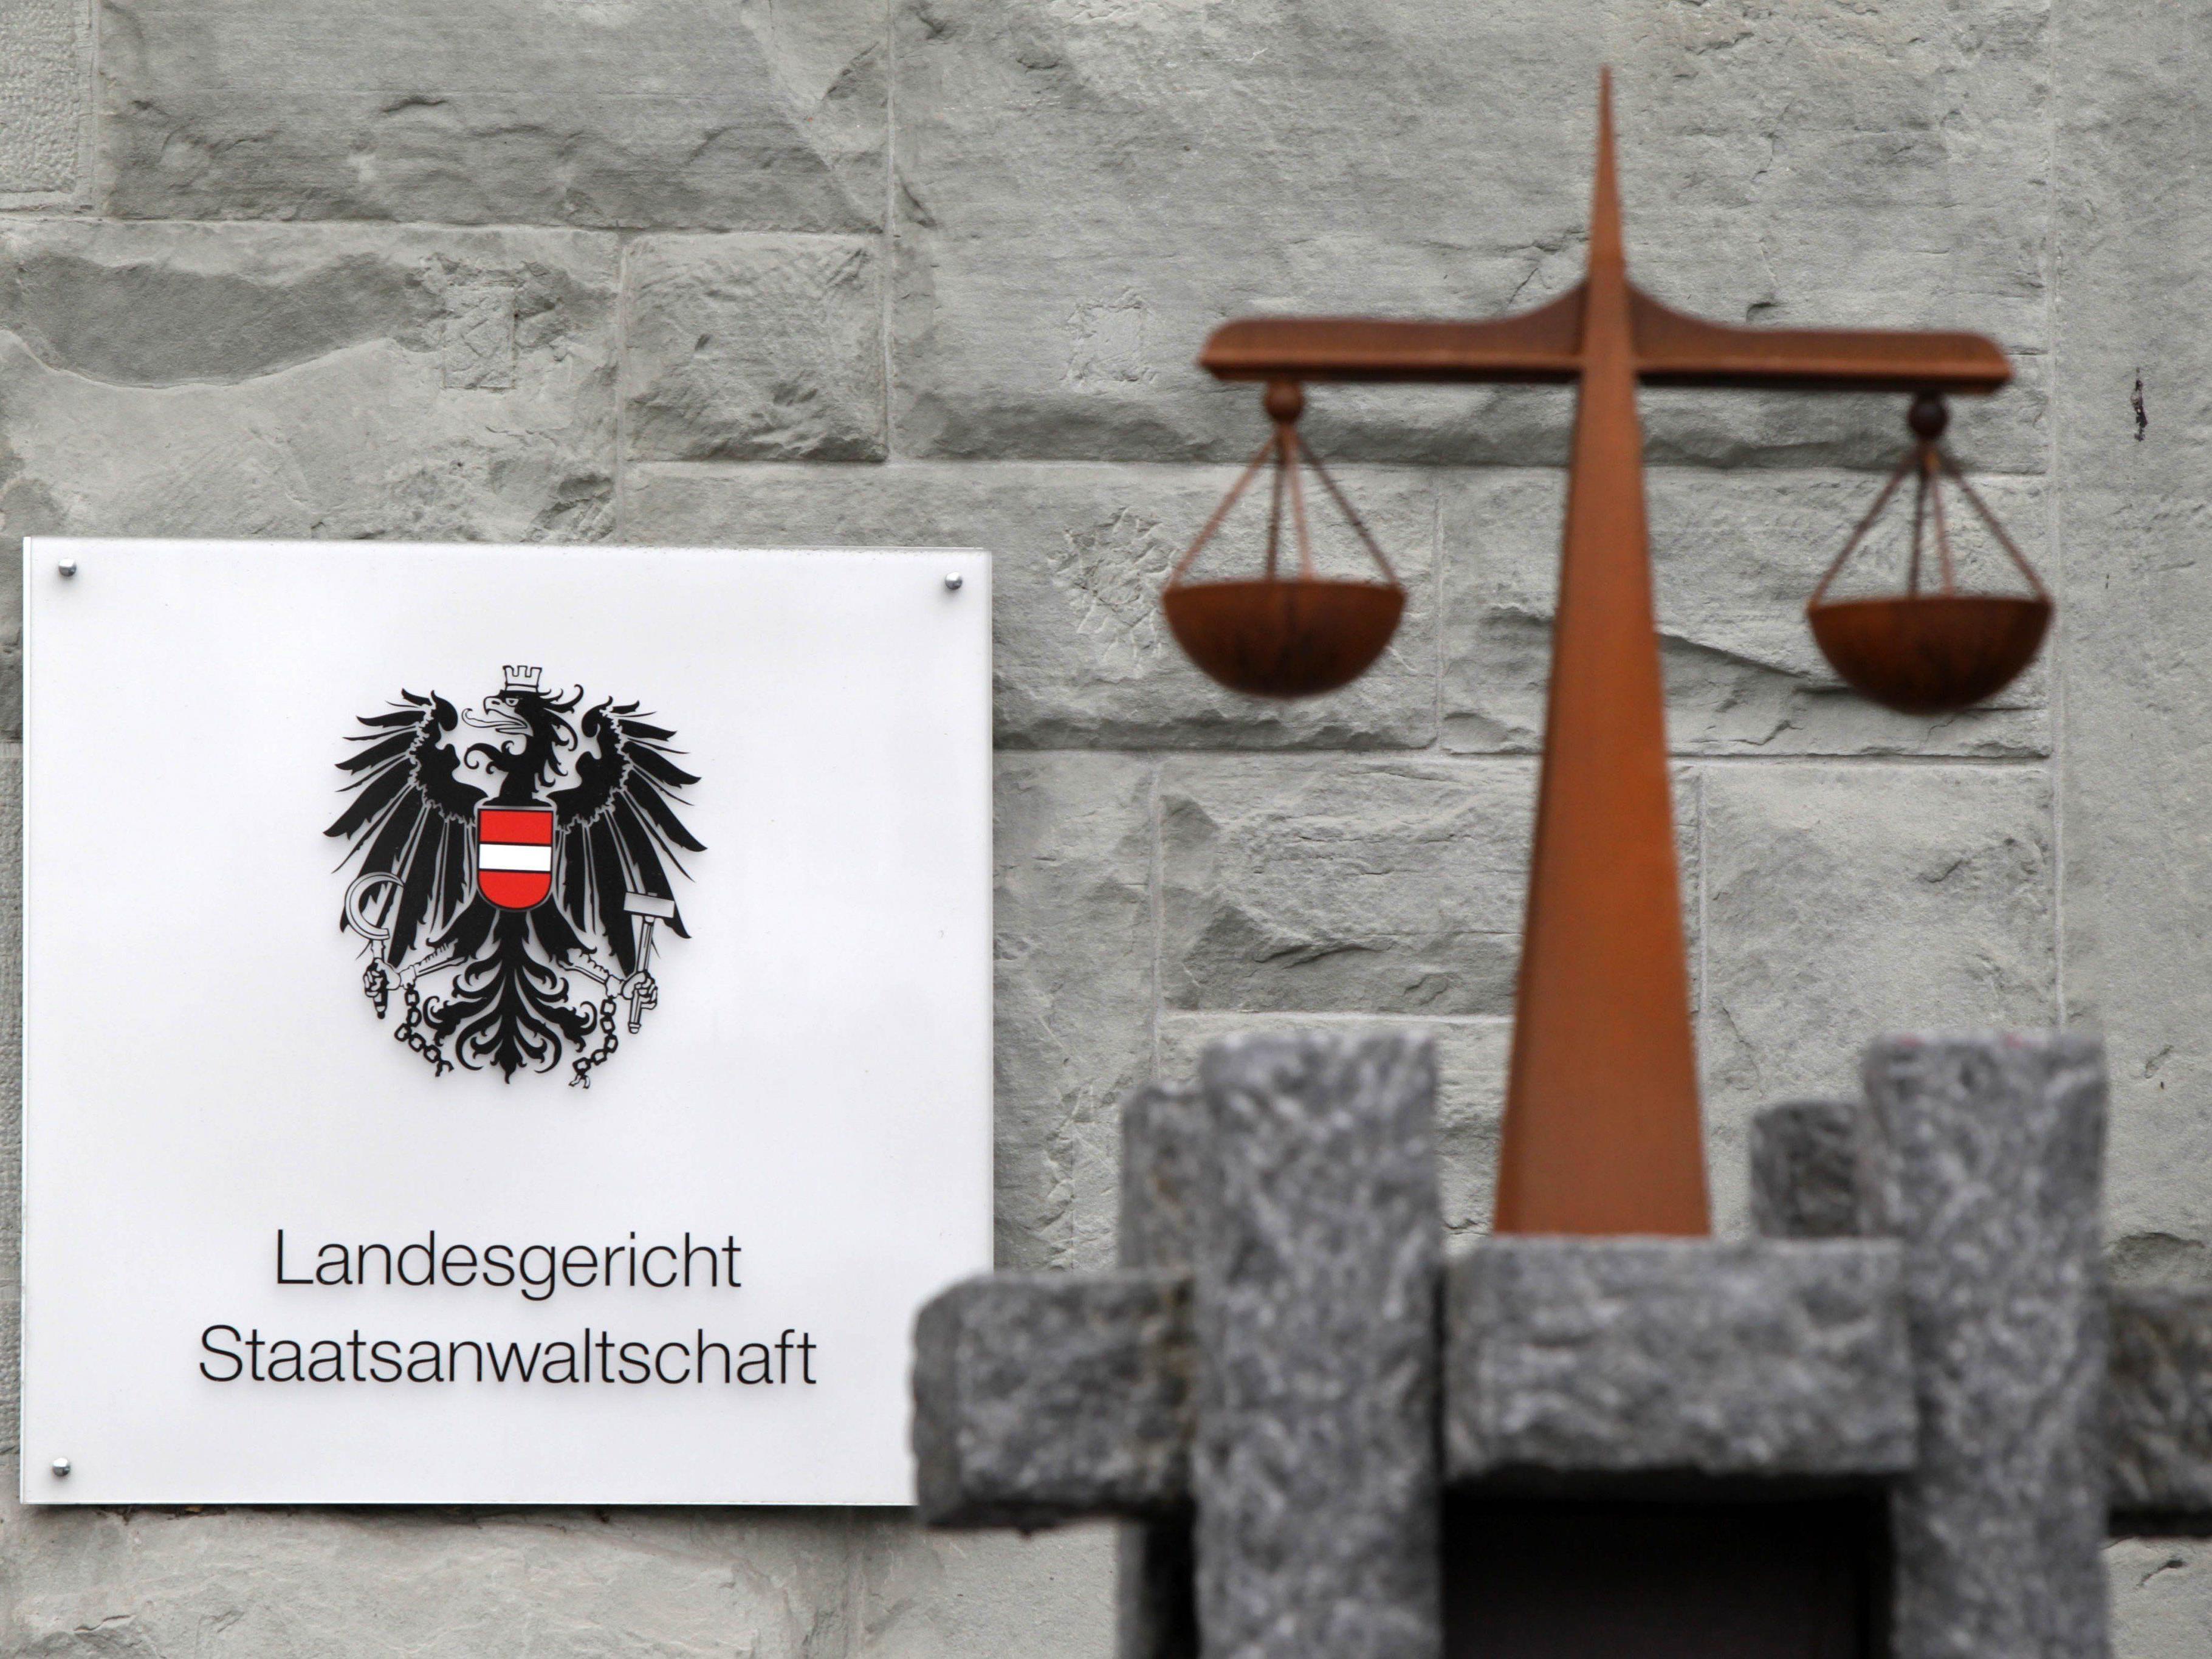 Zwei Vorarlberger Schlepper wurden am Landesgericht verurteilt.